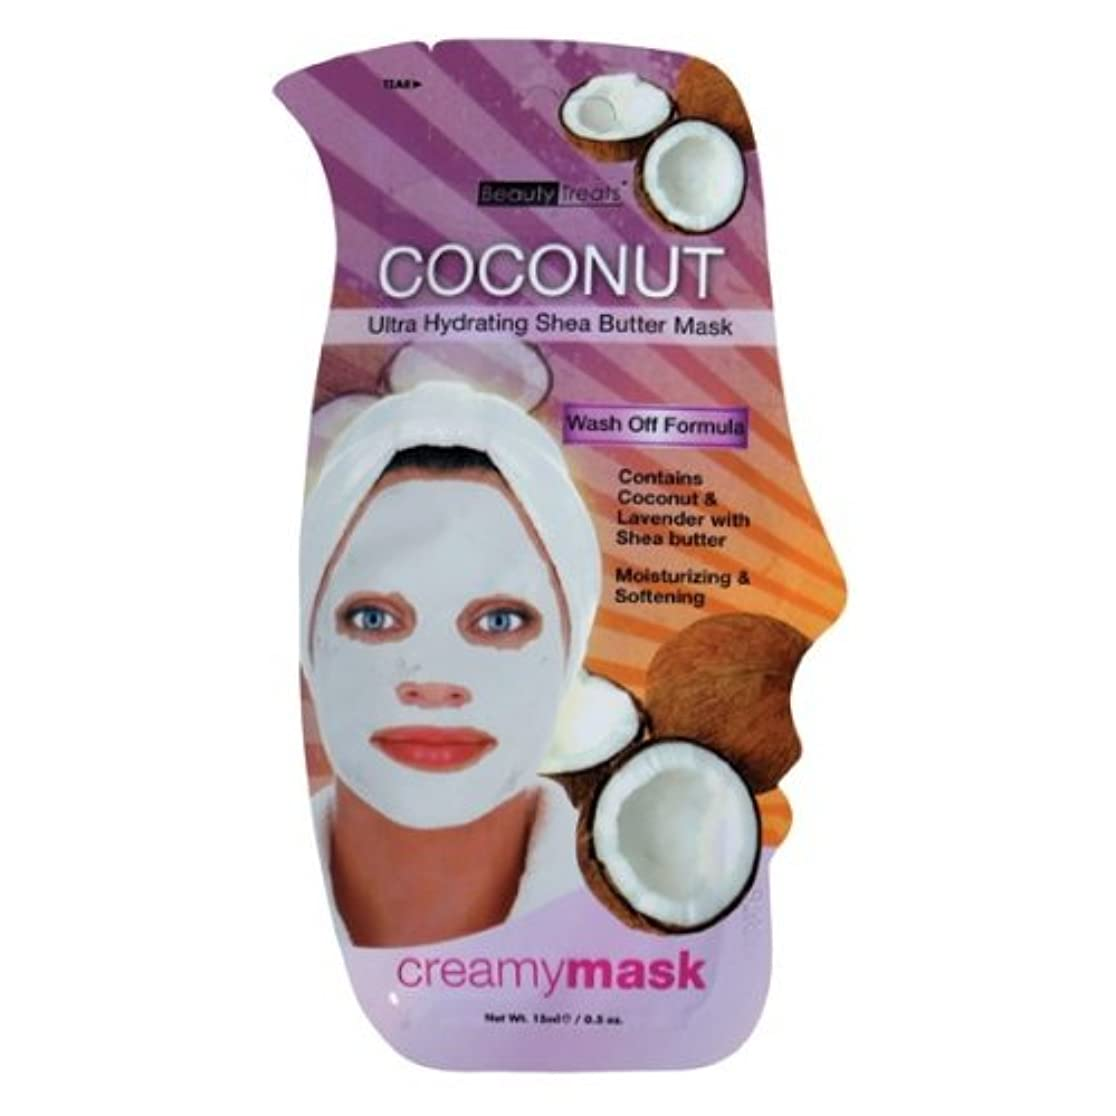 去るバラバラにする異常な(6 Pack) BEAUTY TREATS Coconut Ultra Hydrating Shea Butter Mask - Coconut (並行輸入品)